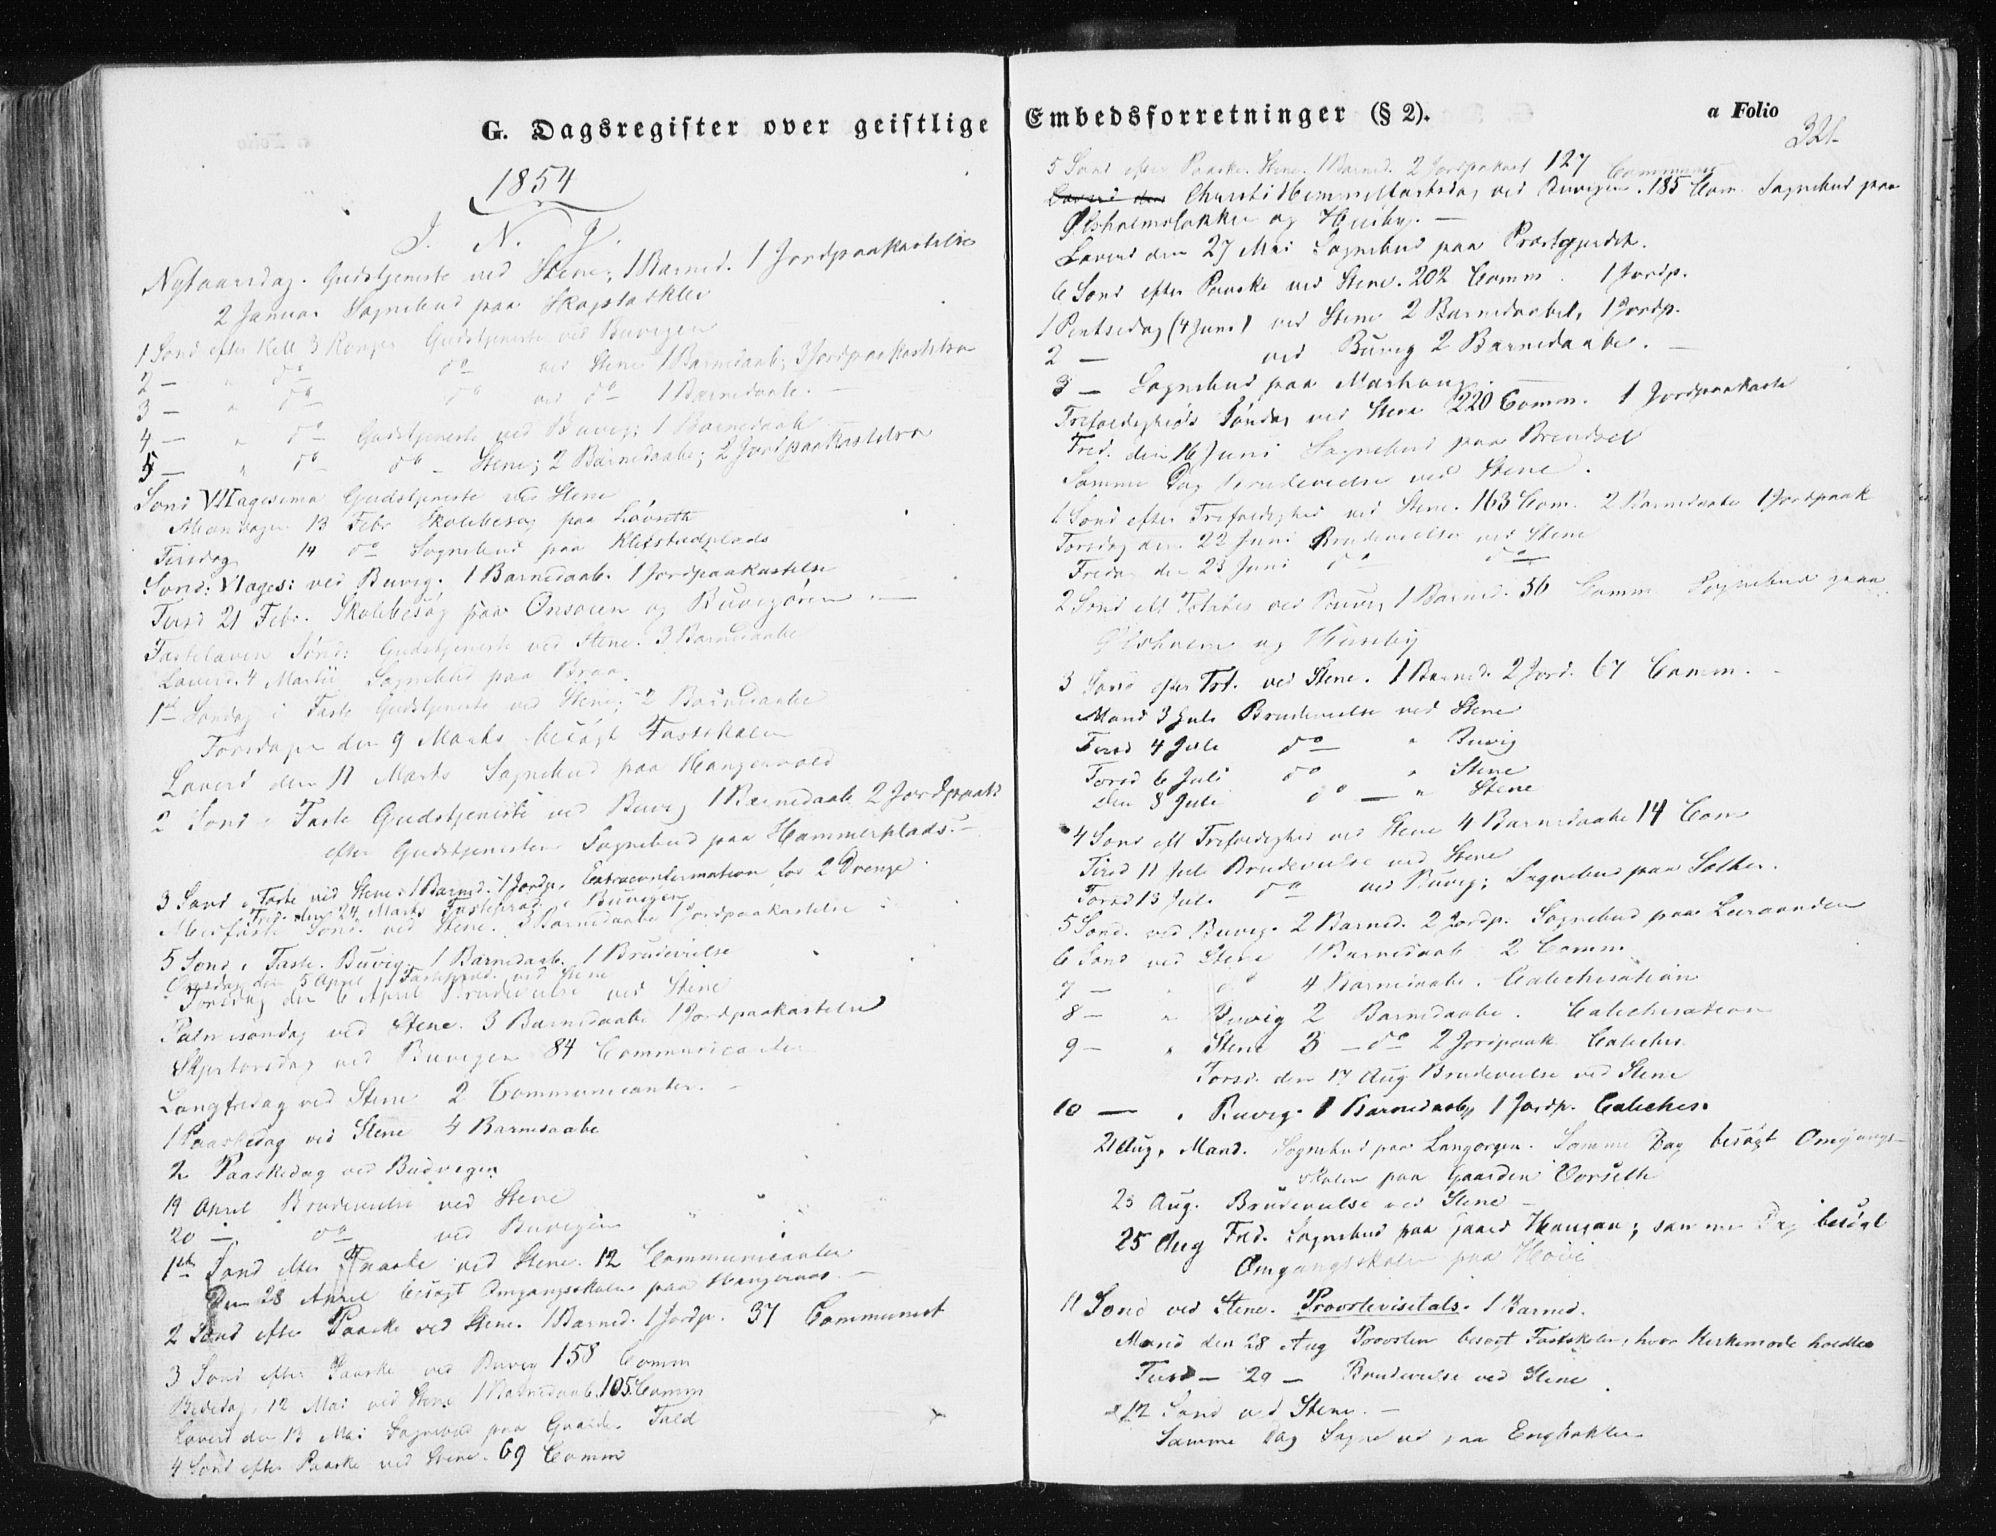 SAT, Ministerialprotokoller, klokkerbøker og fødselsregistre - Sør-Trøndelag, 612/L0376: Ministerialbok nr. 612A08, 1846-1859, s. 321